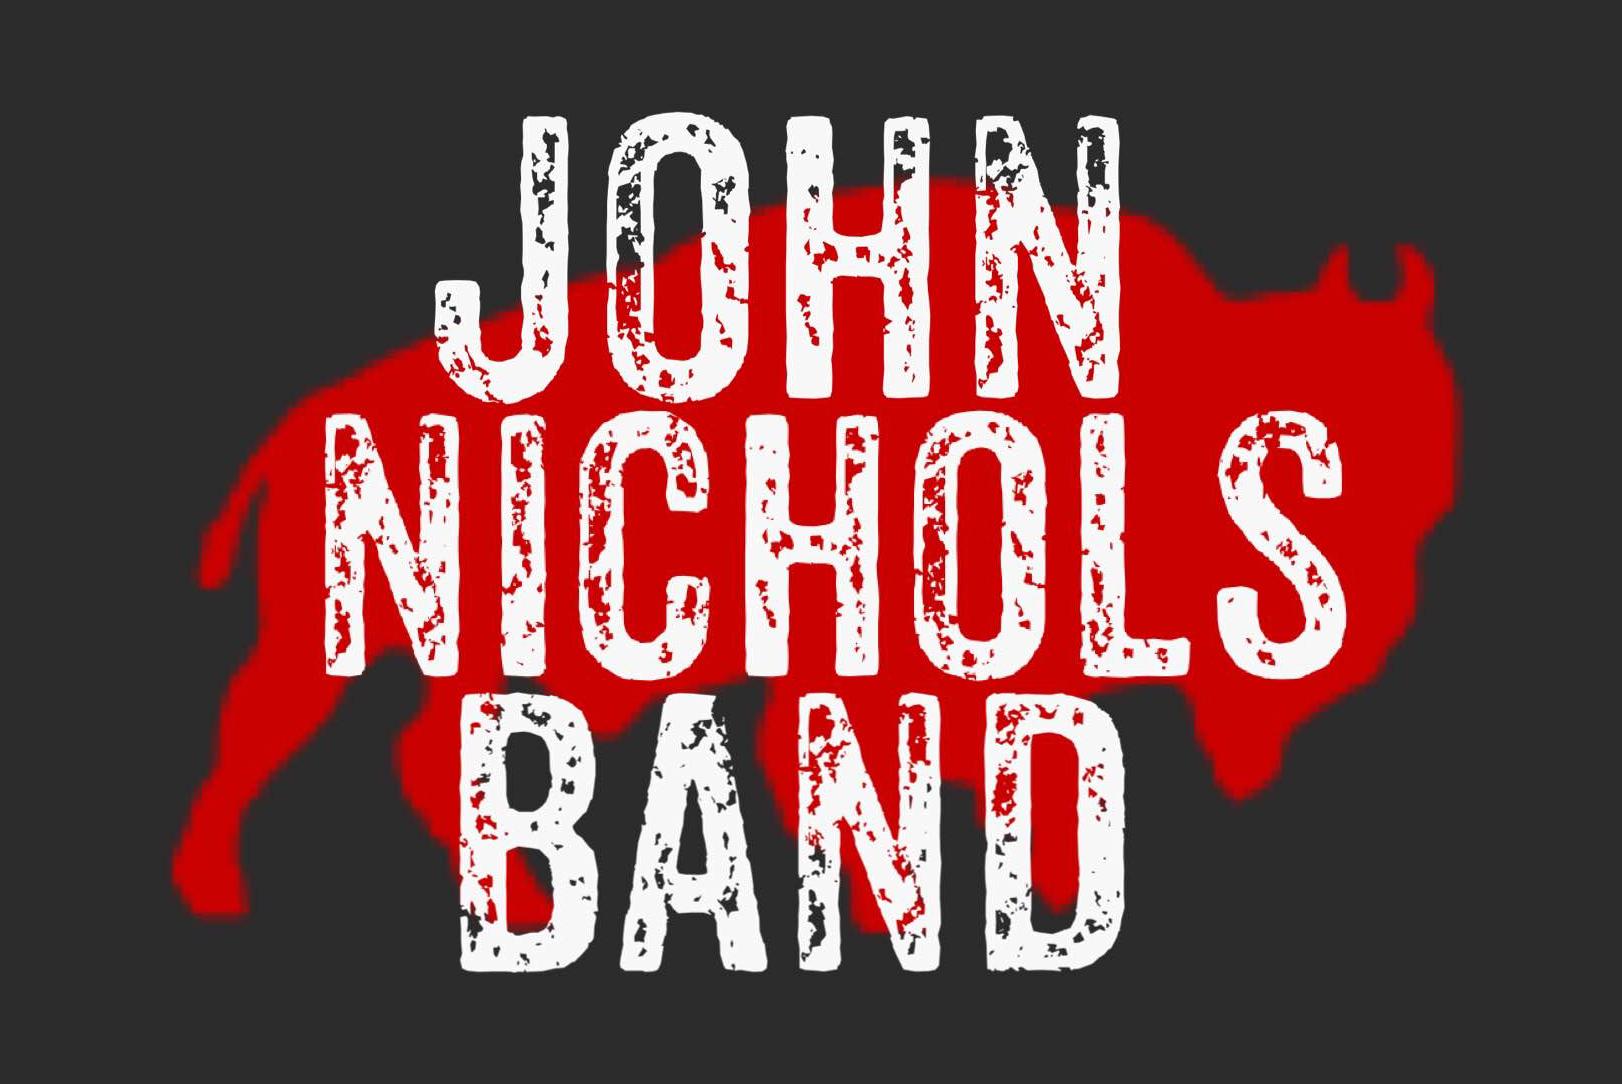 John Nichols Band